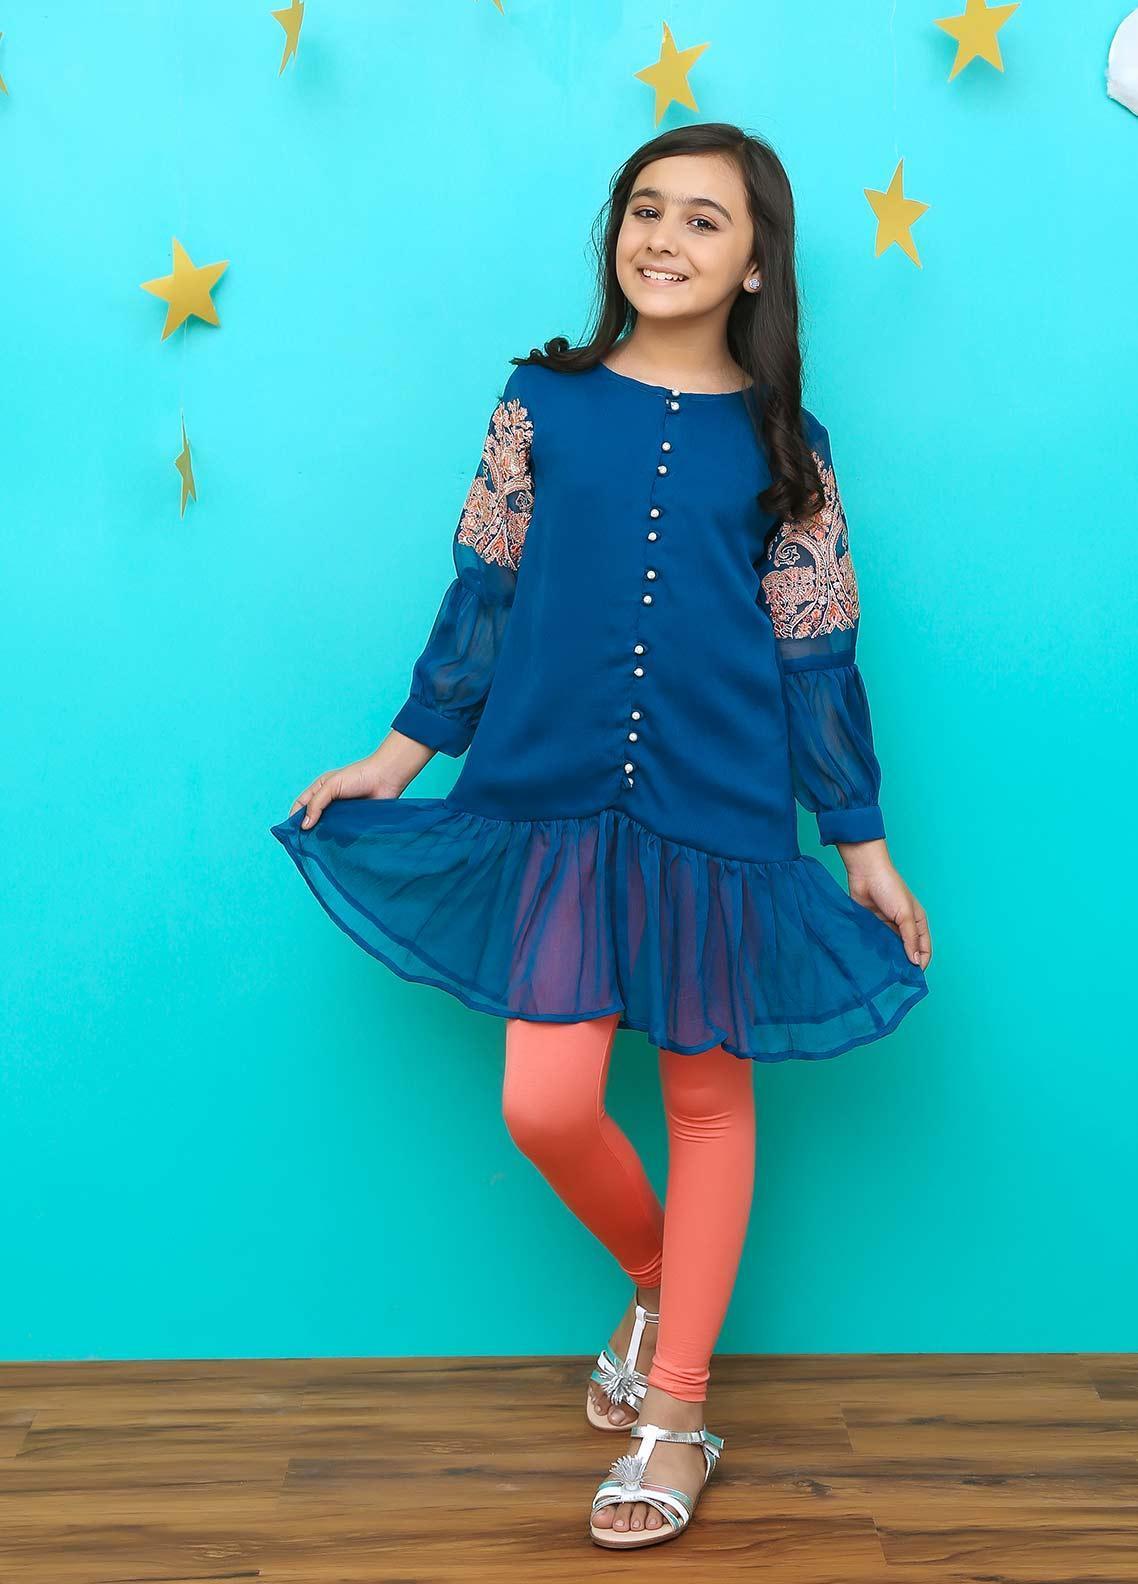 Ochre Chiffon Formal Kurtis for Girls - 629 Teal Blue